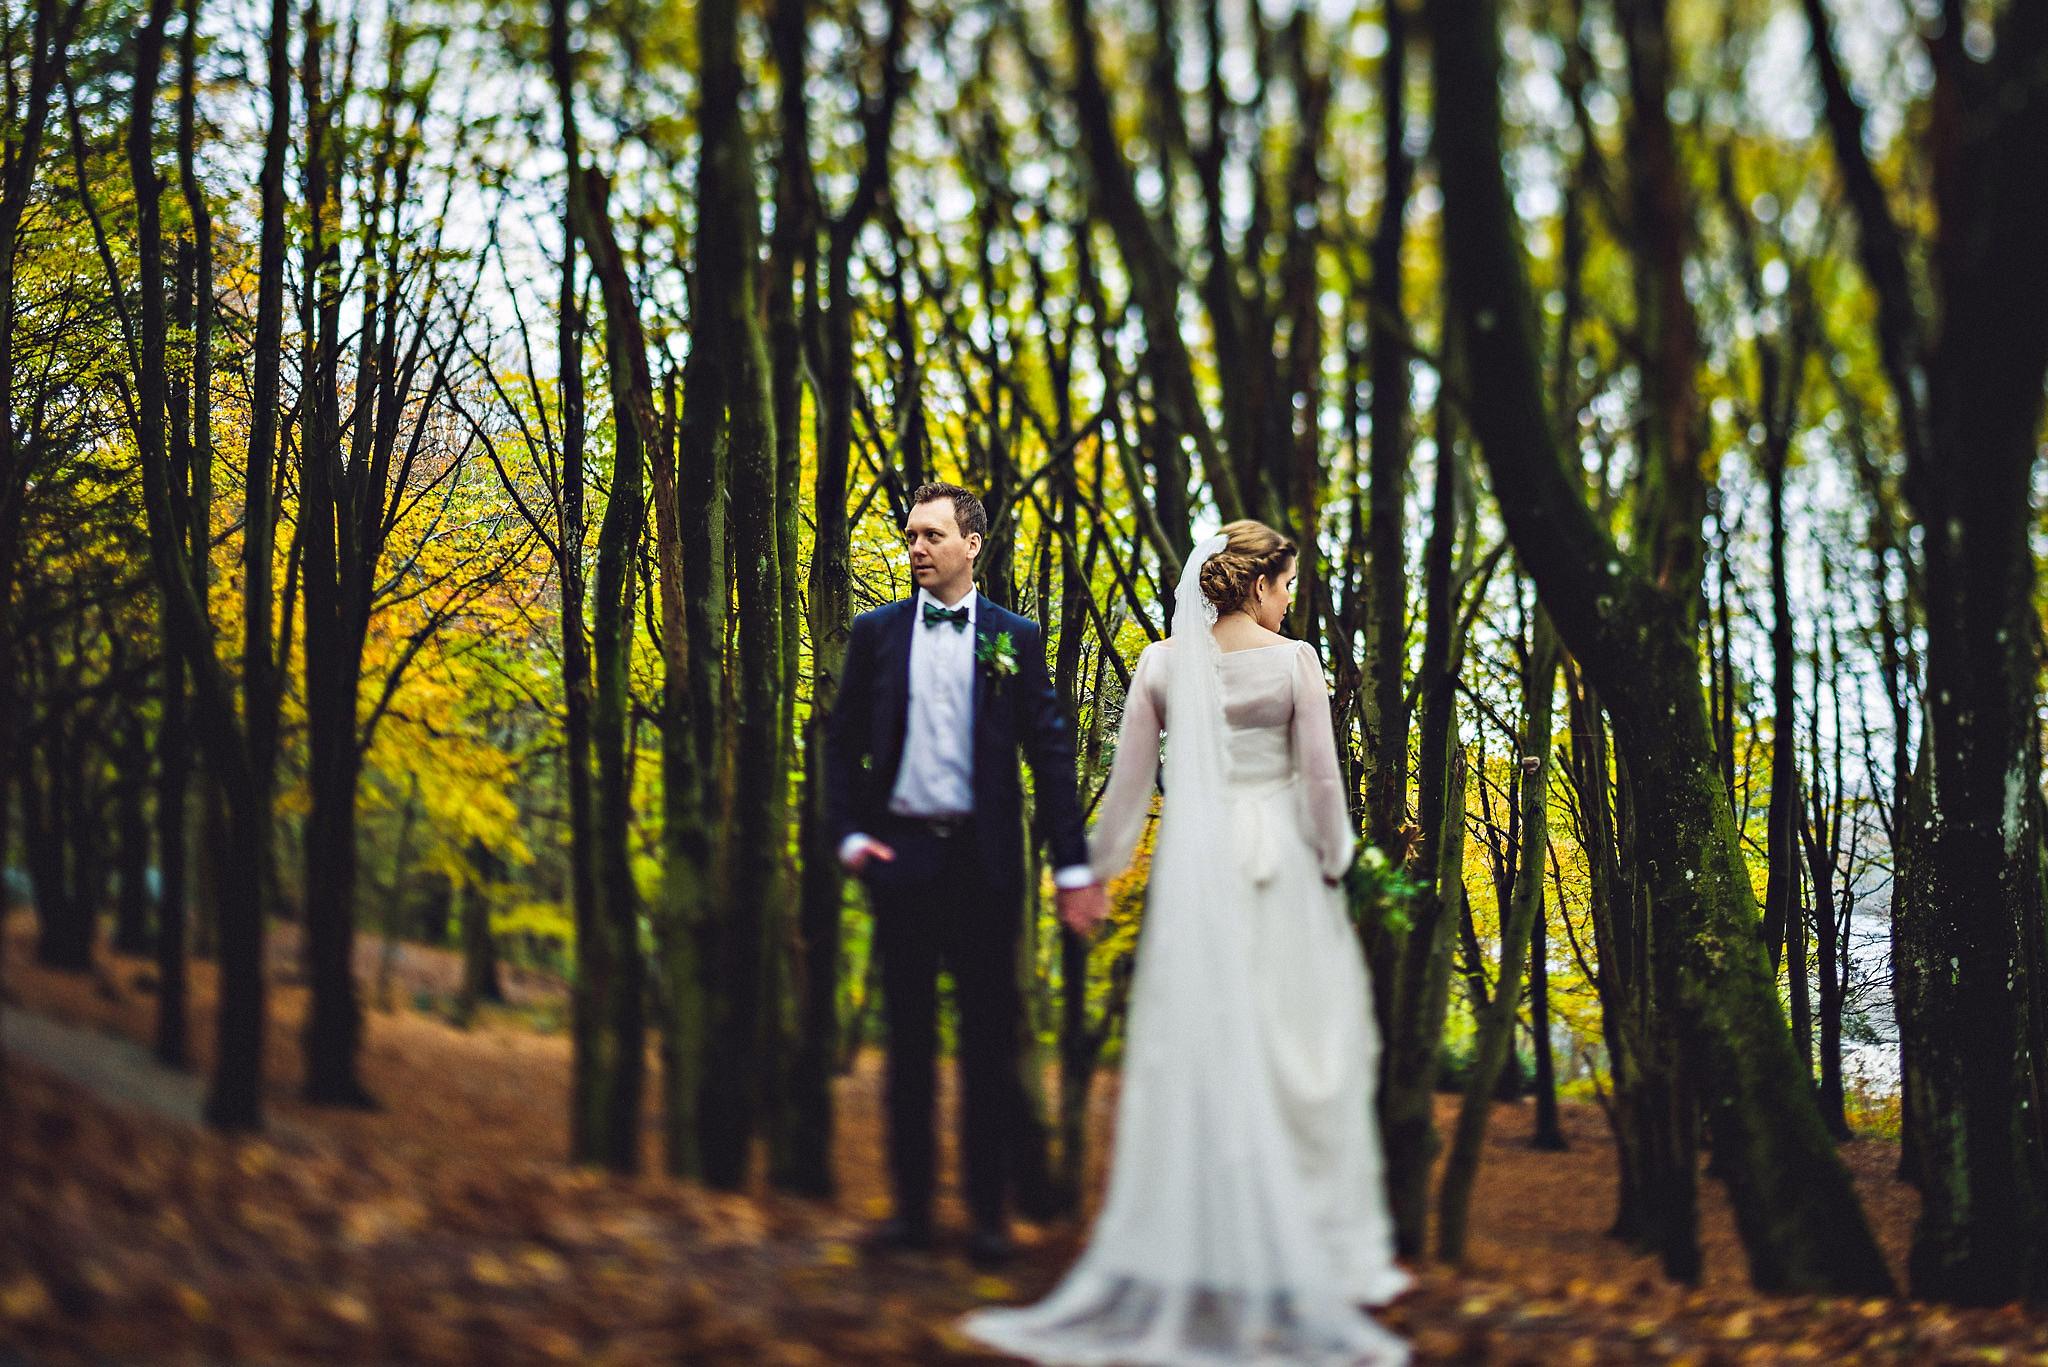 Eirik Halvorsen Marianne og Ole Martin bryllup blog-22.jpg